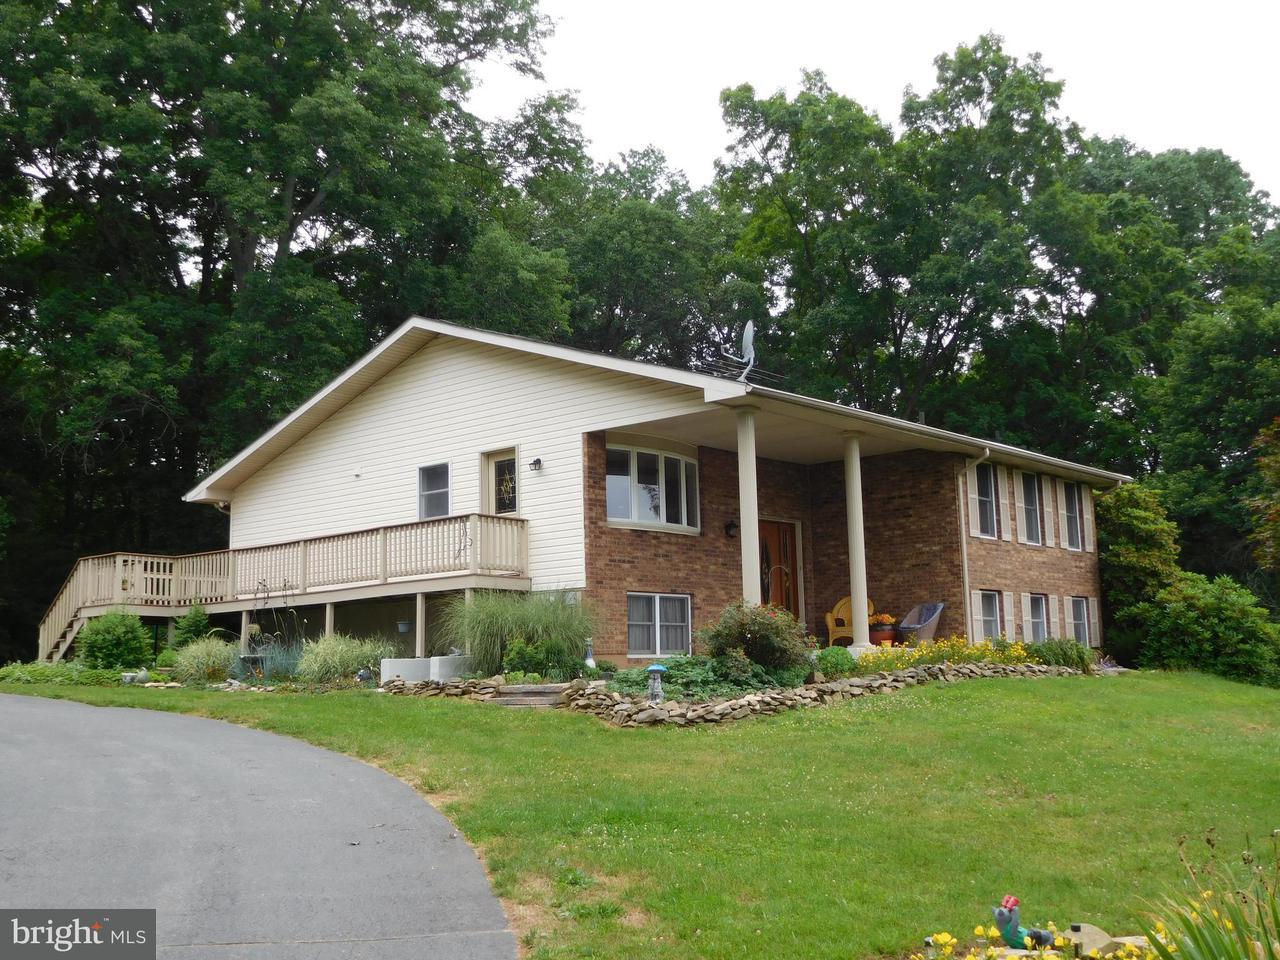 Casa Unifamiliar por un Venta en 710 PRIESTFORD Road 710 PRIESTFORD Road Churchville, Maryland 21028 Estados Unidos